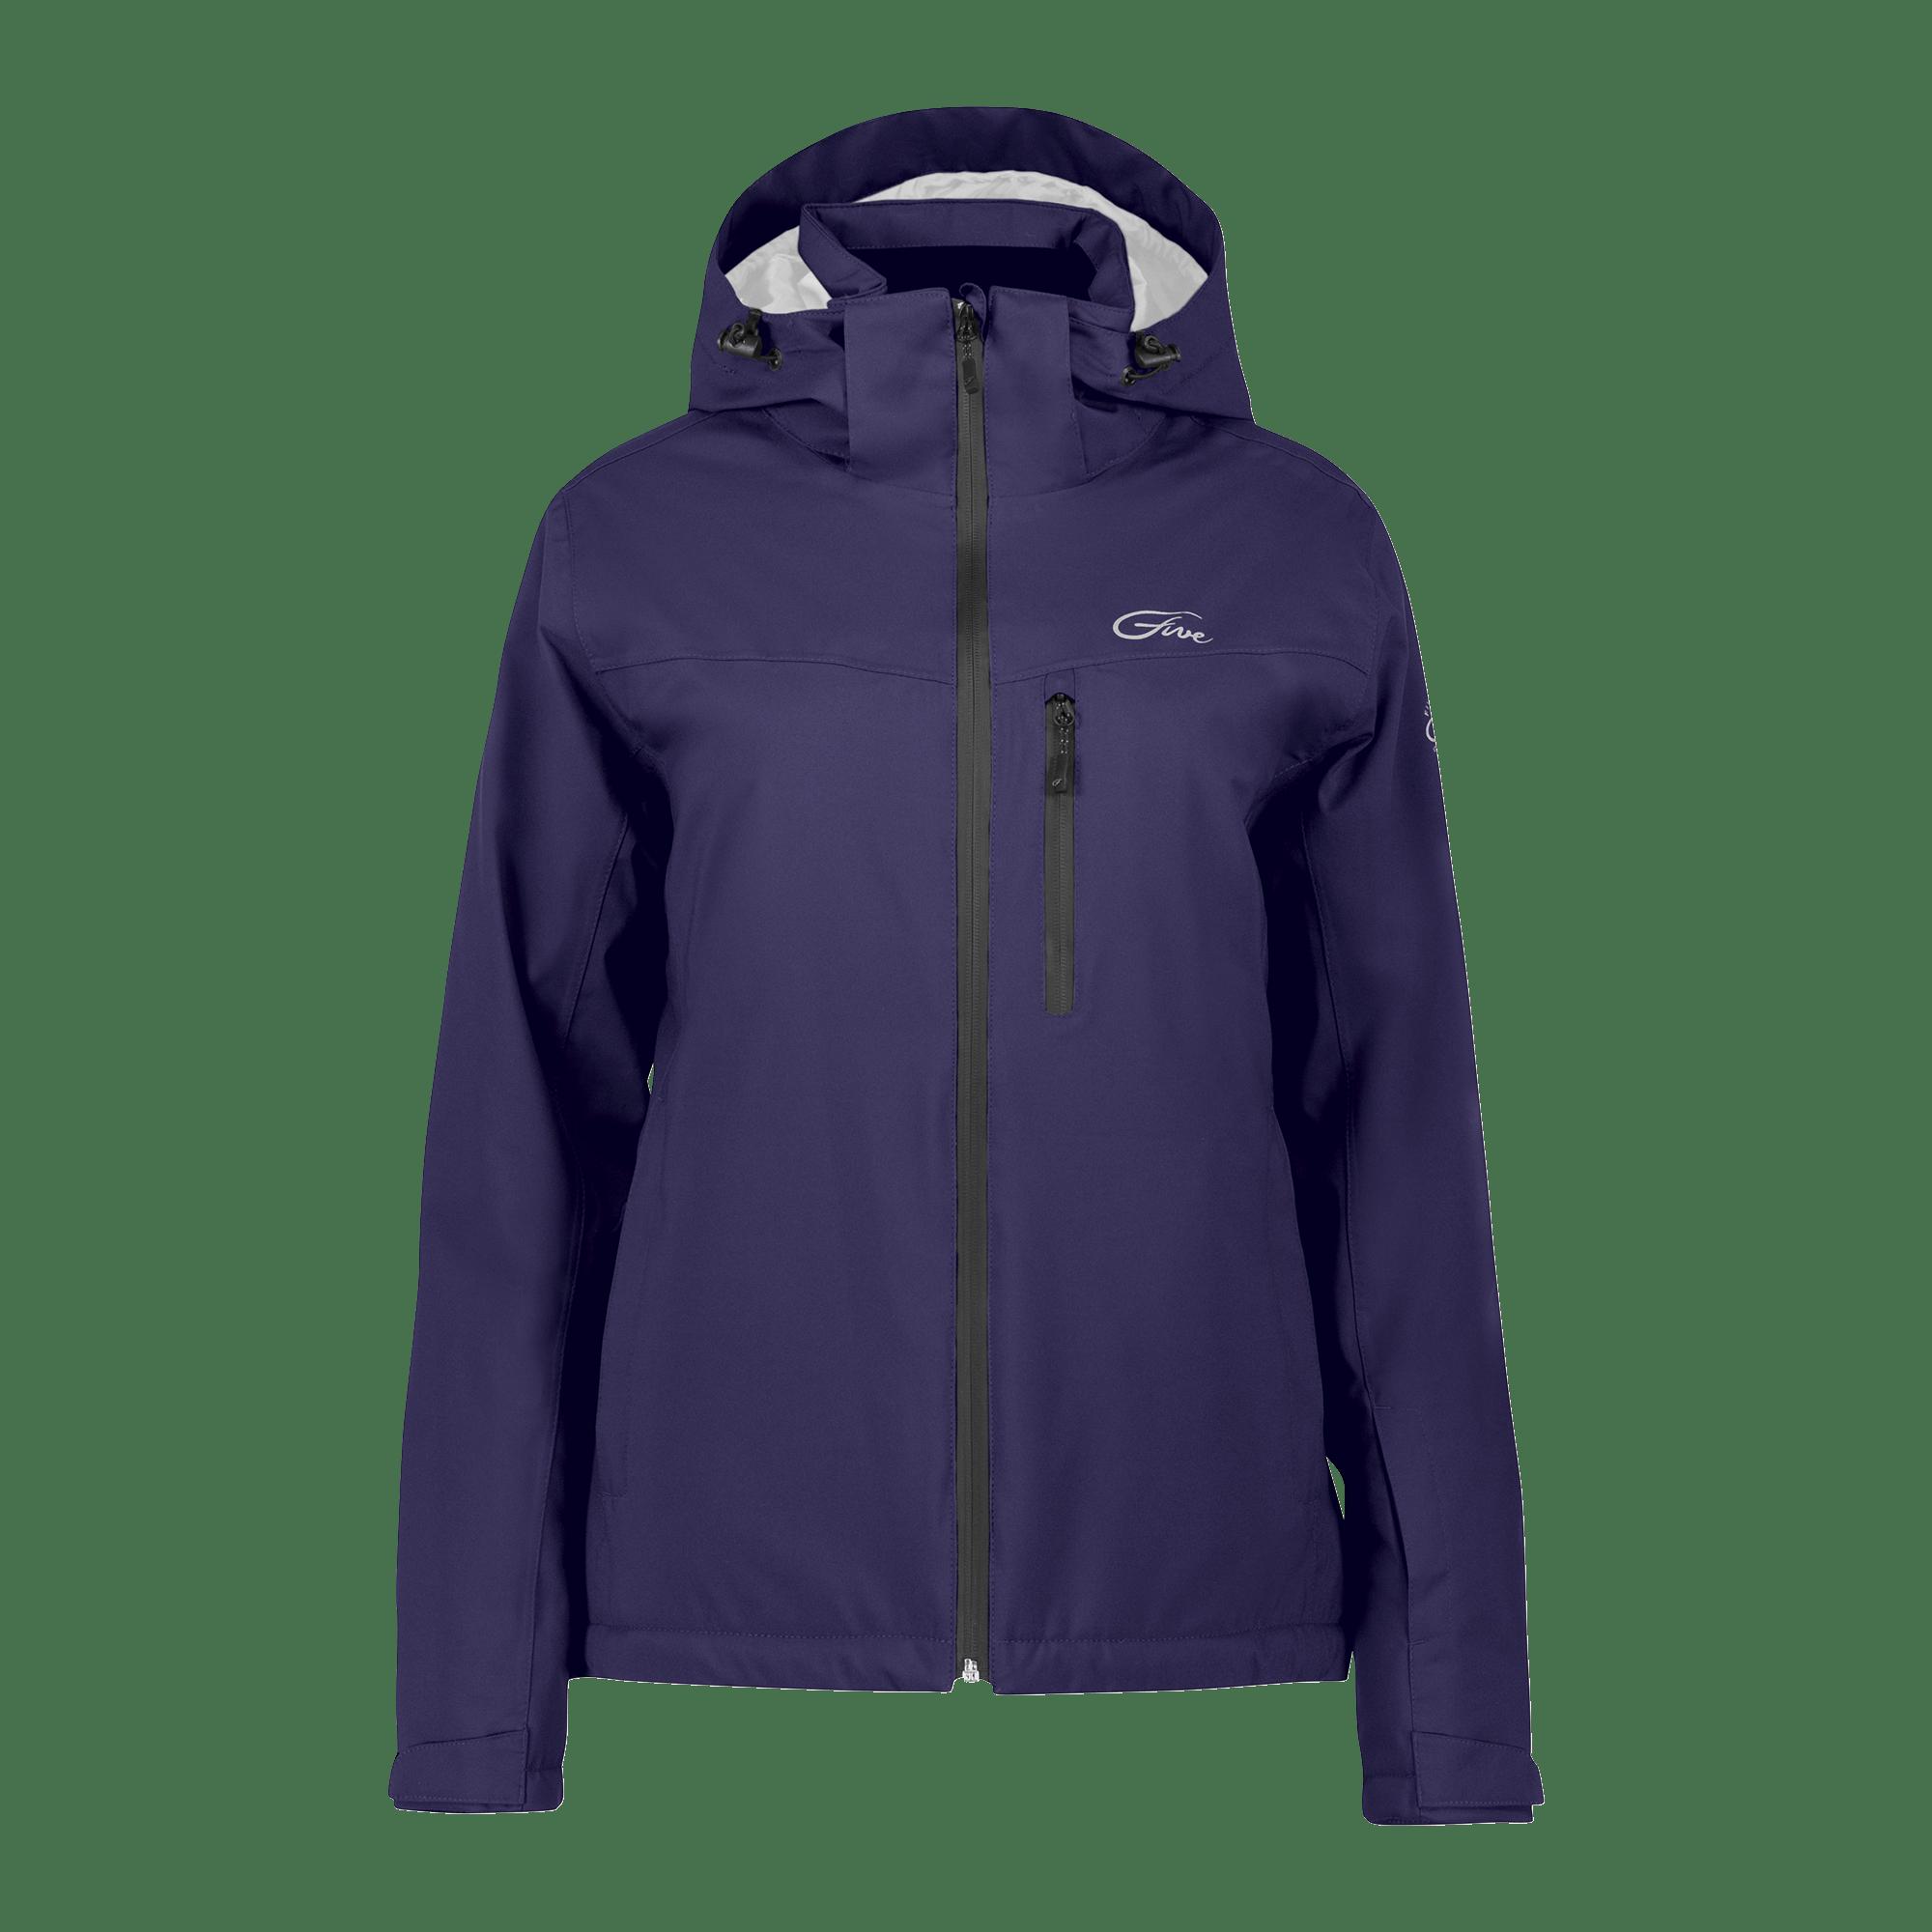 Five Seasons Monterosa Jacket, skijakke dame 46